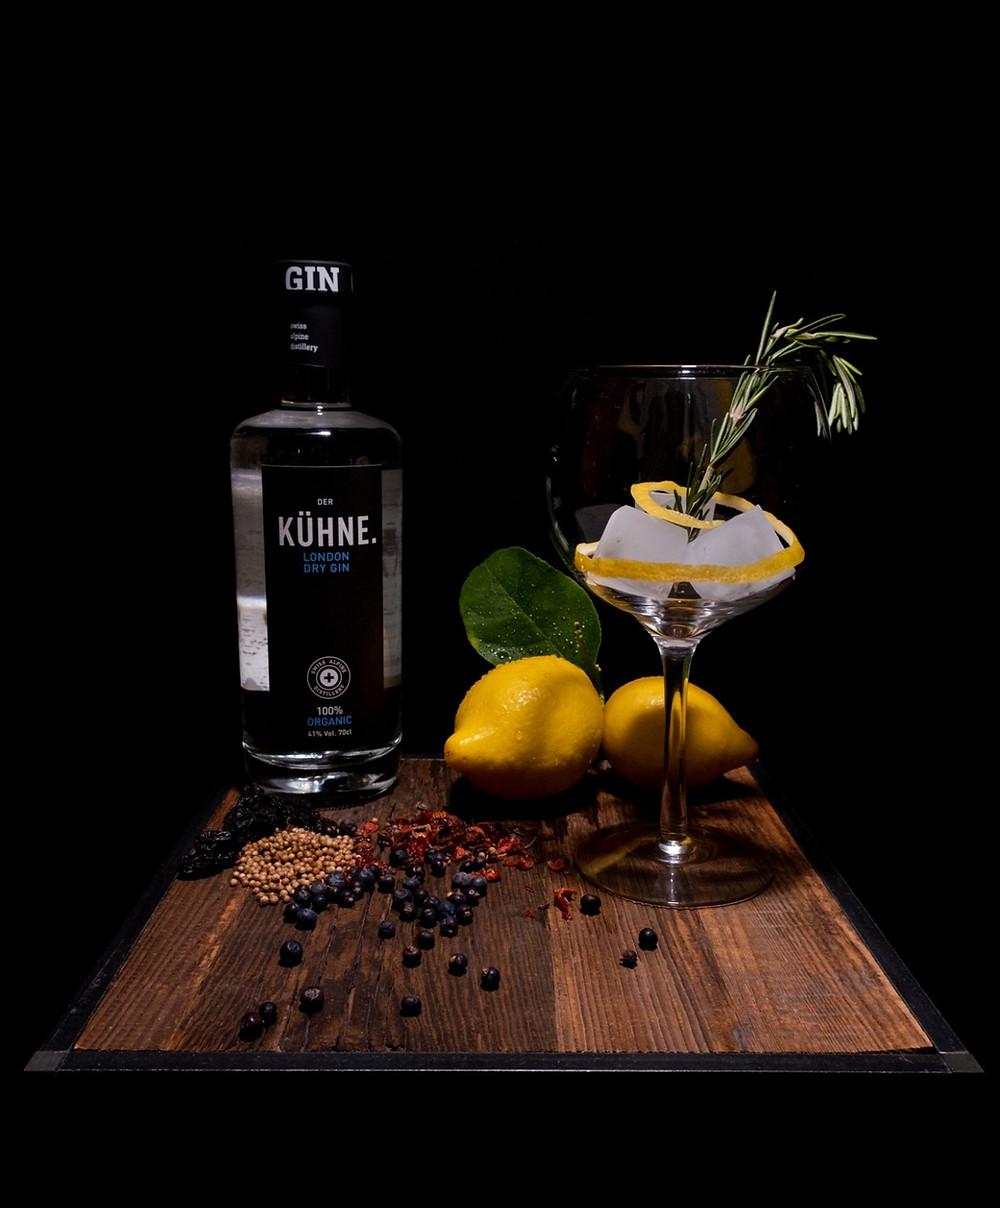 Der Kühne. London dry Gin